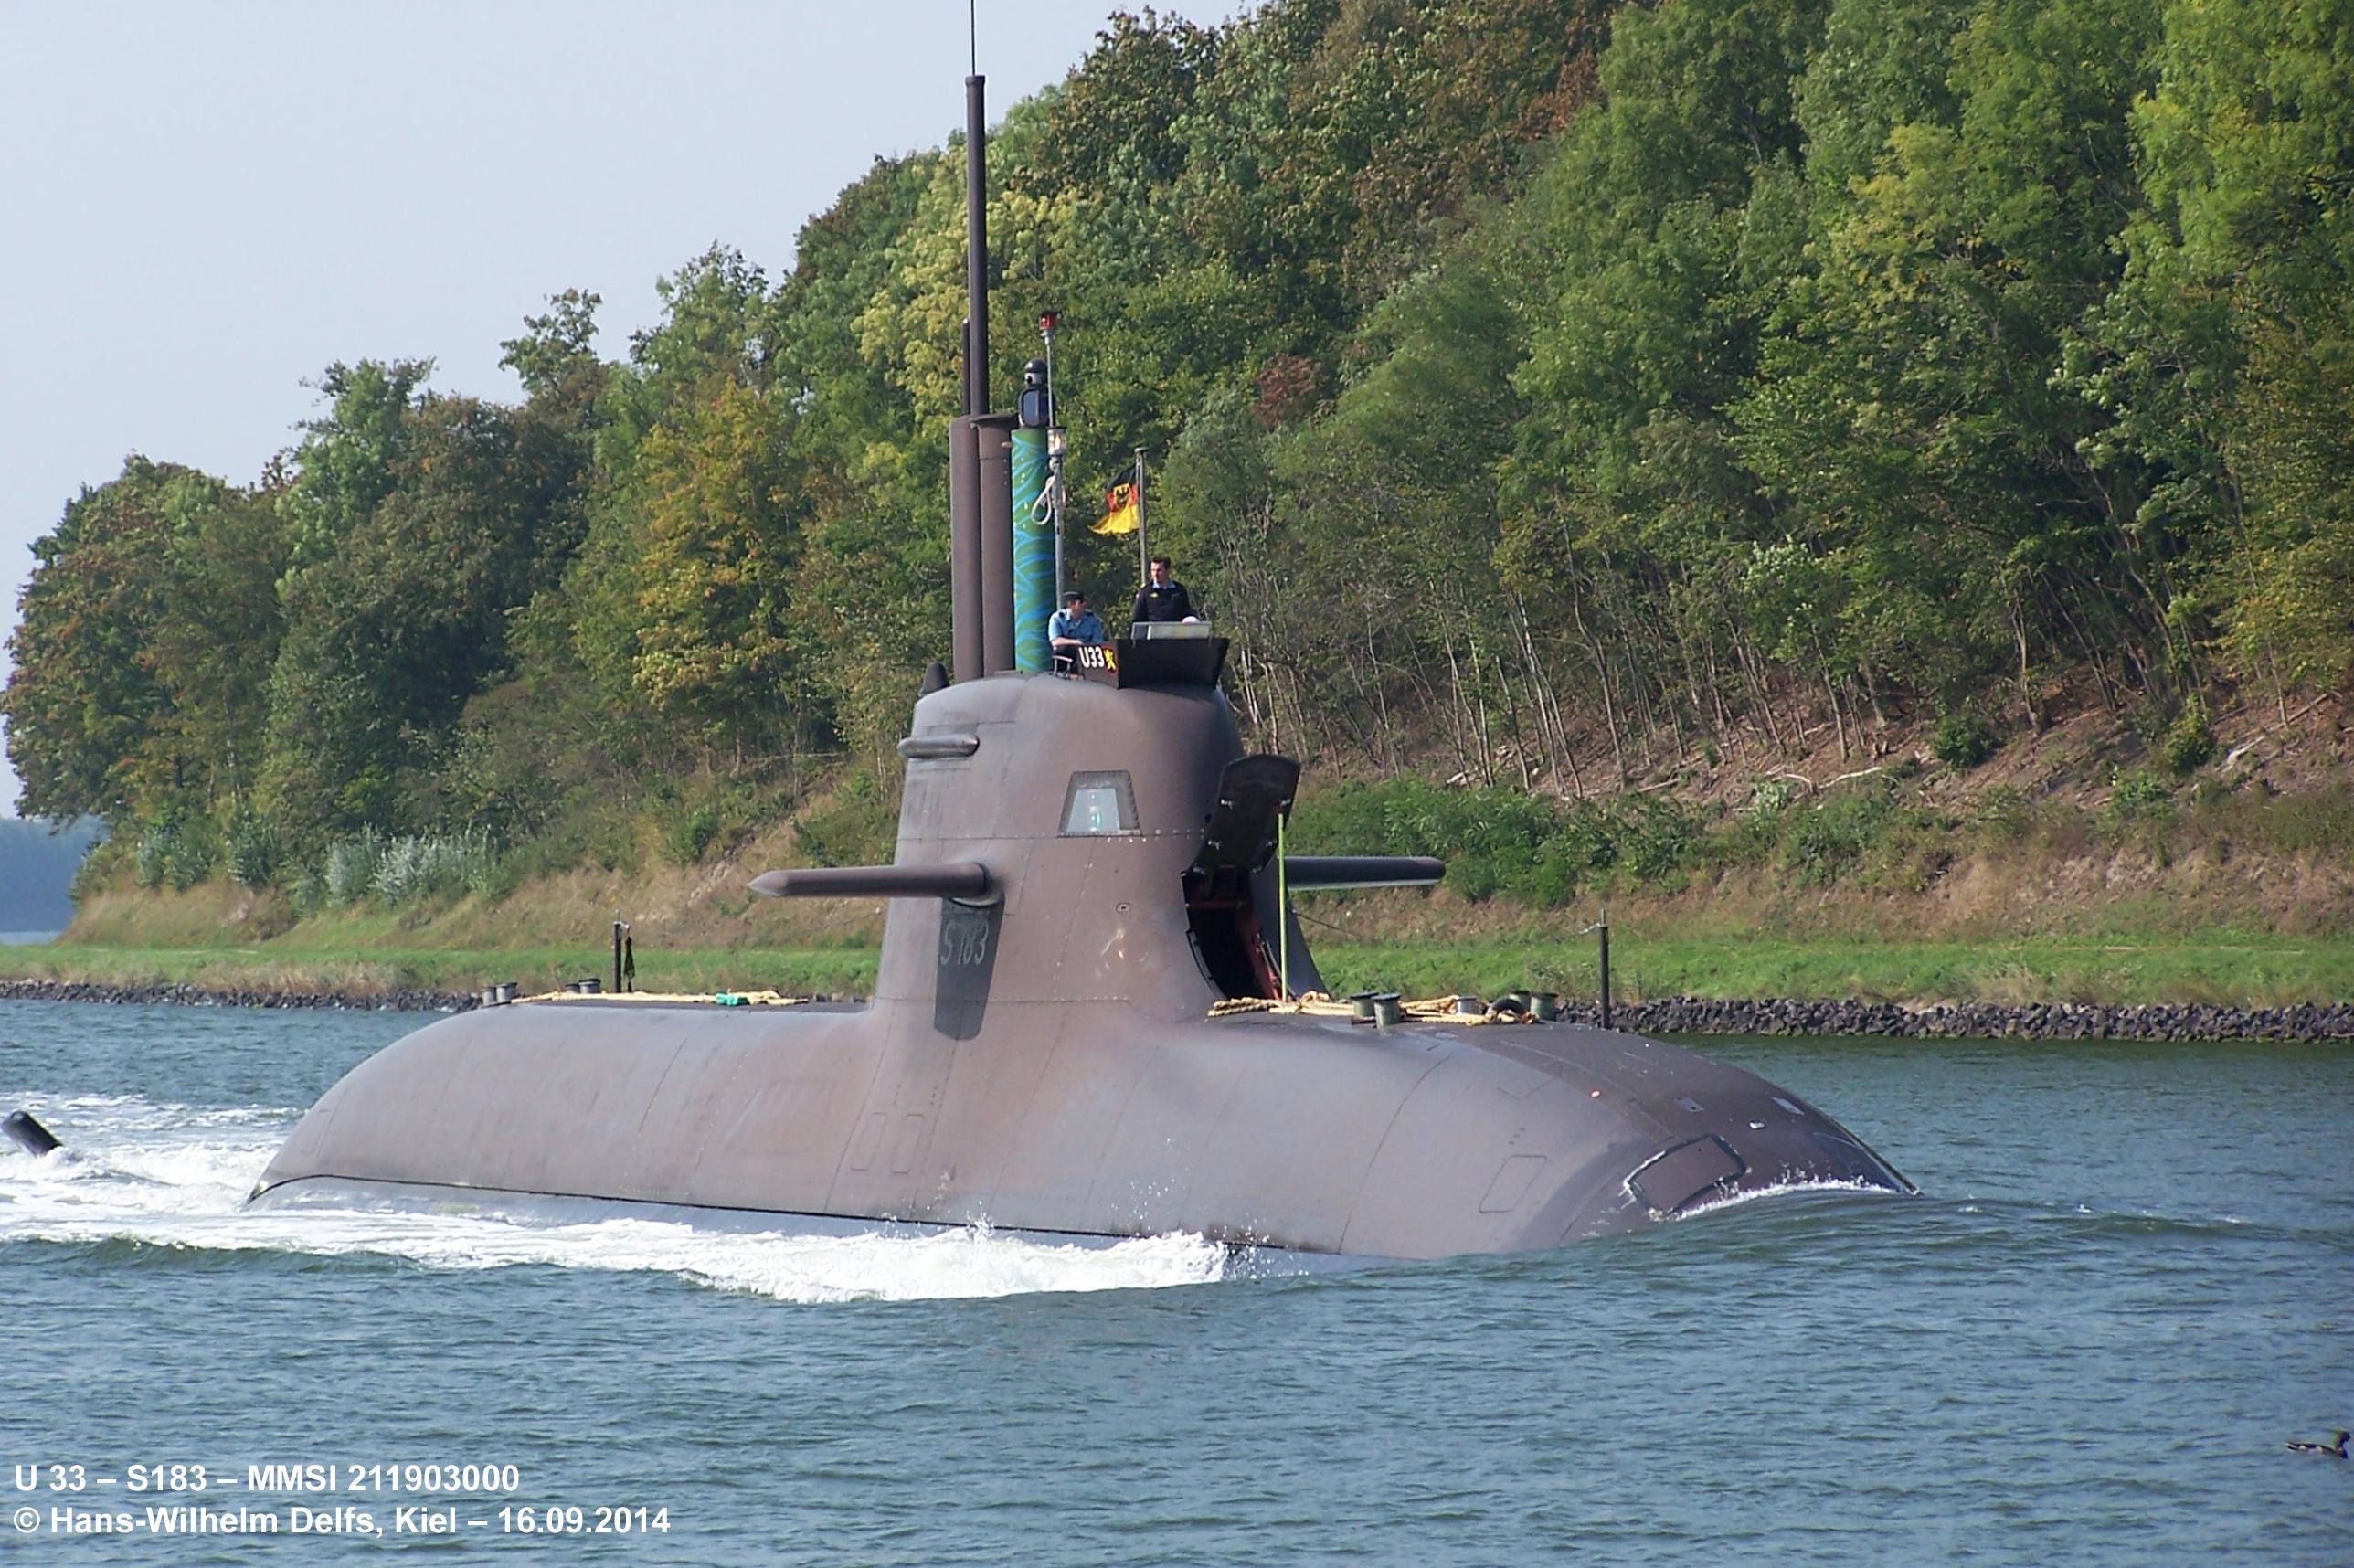 German Navy - Marine Allemande - Page 5 22917720736_5d603bbda9_o